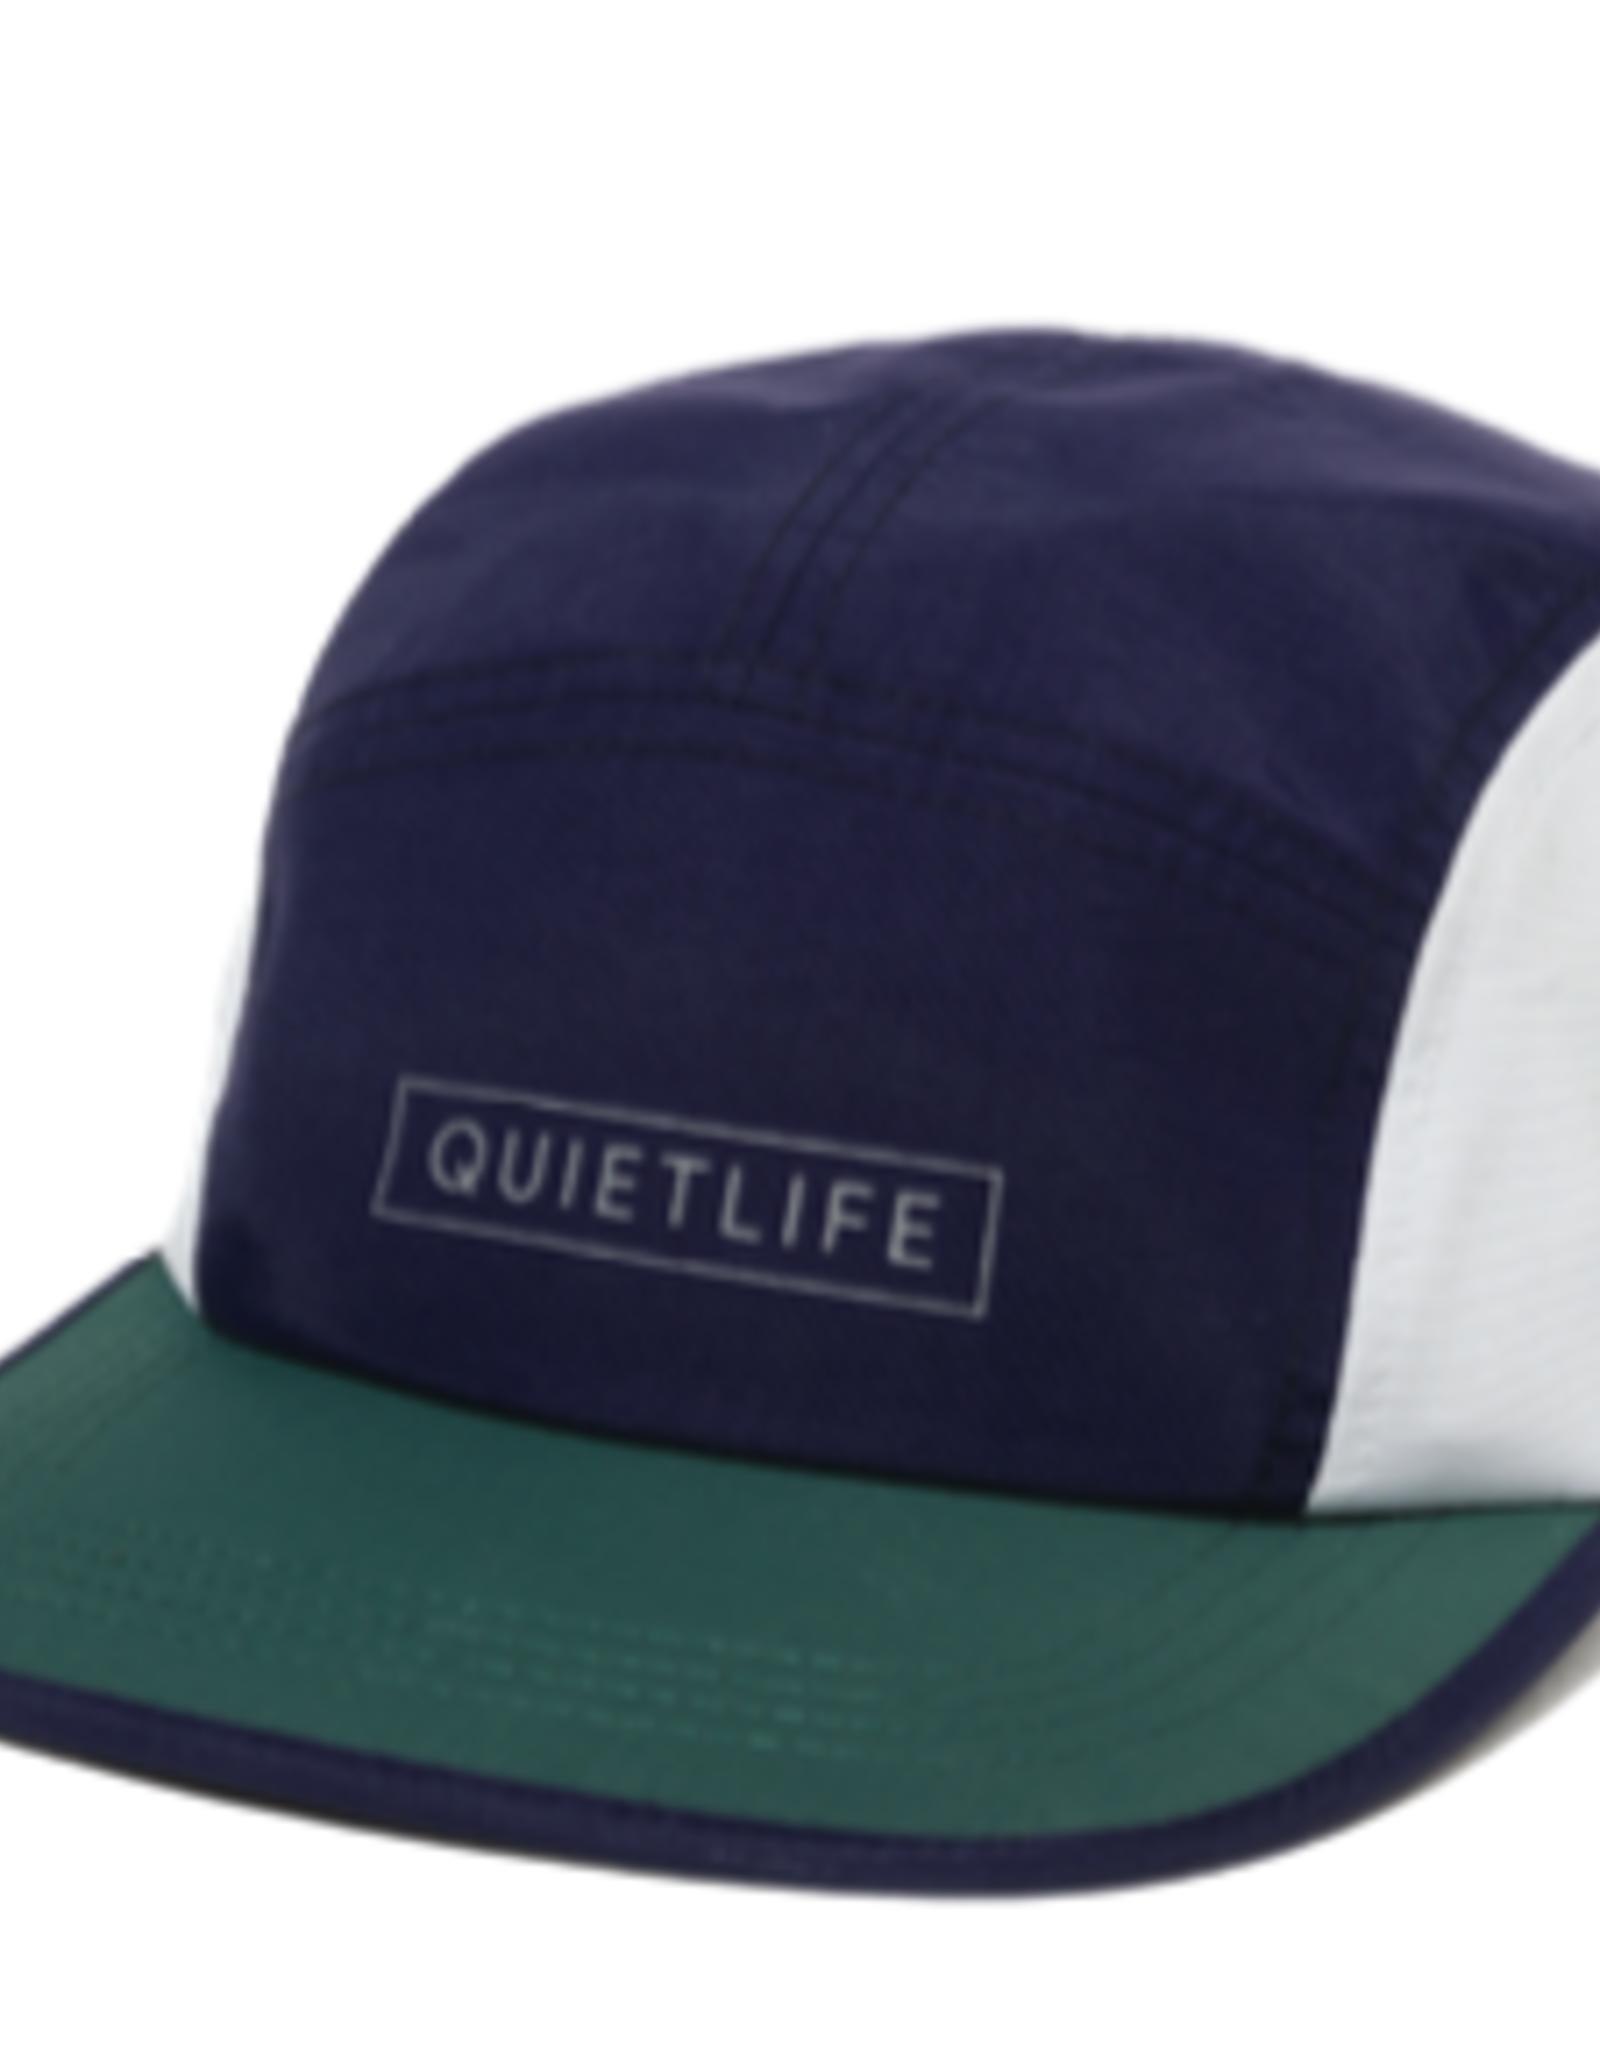 THE QUIET LIFE THE QUIET LIFE COLORBLOCK 5 PANEL CAMPER CAP MULTI